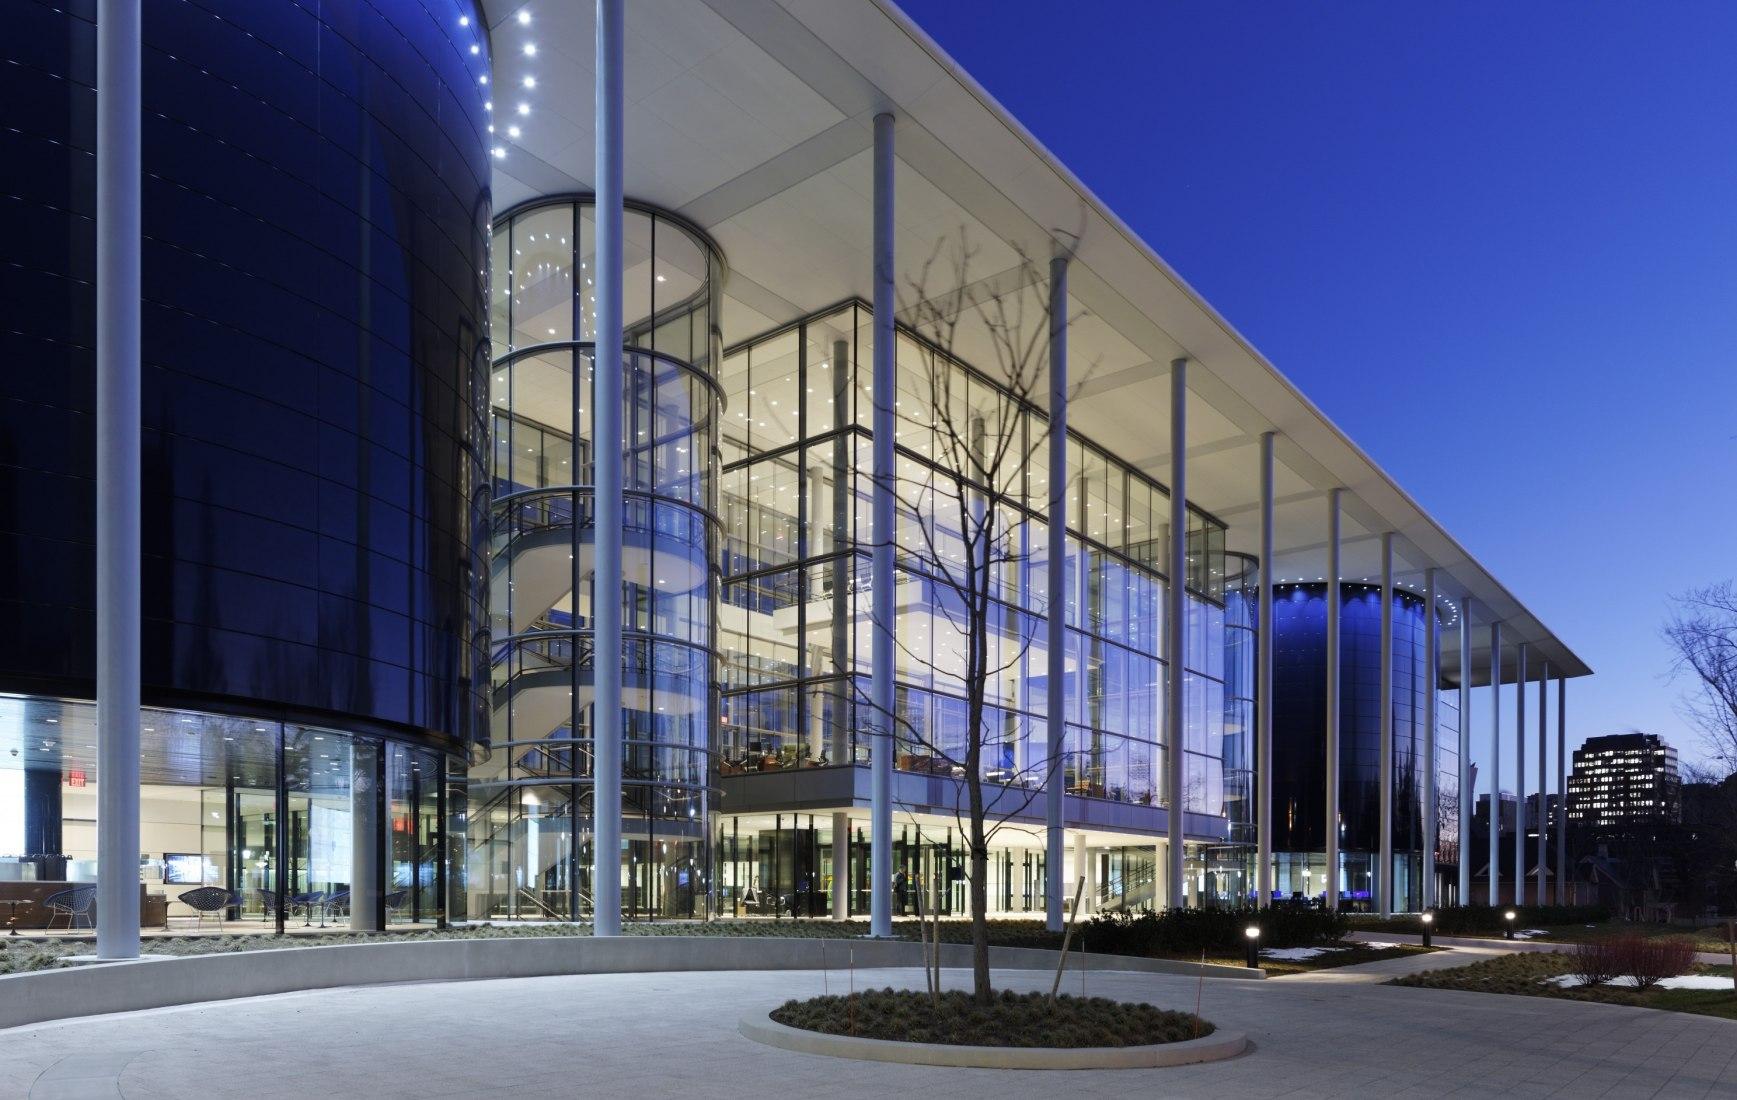 Vista nocturna del exterior. Escuela de Administración de Yale por Foster + Partners.